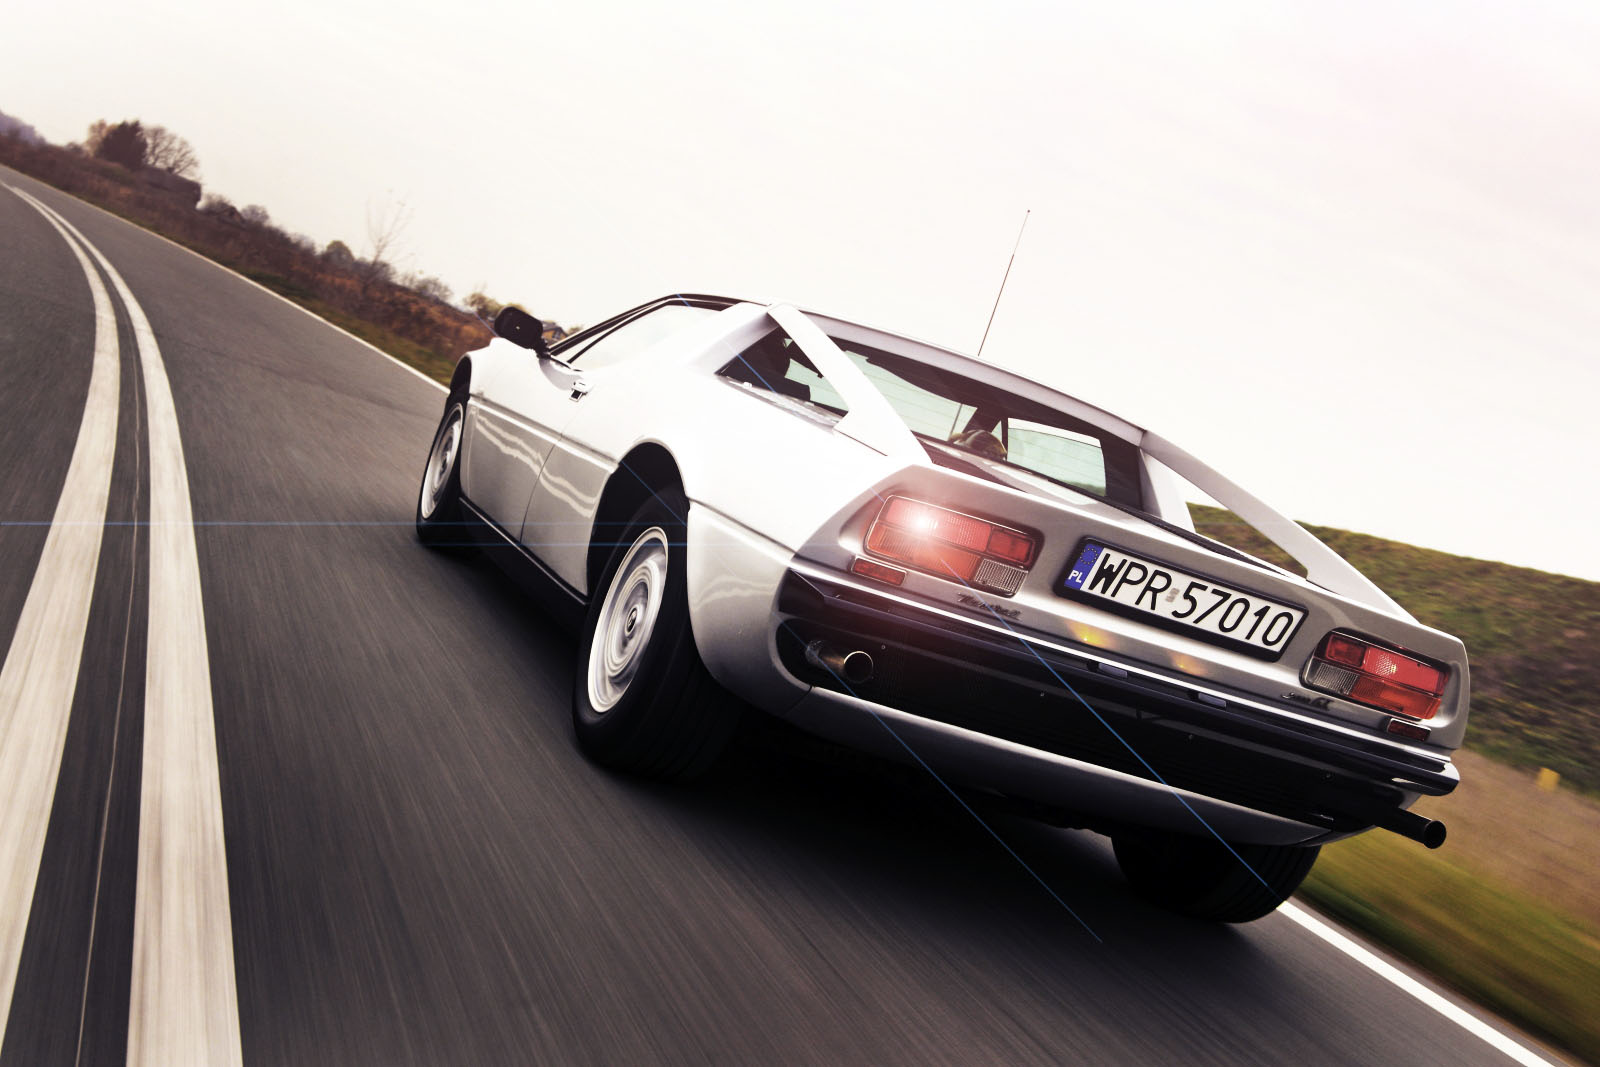 1981 Maserati Merak SS - road test